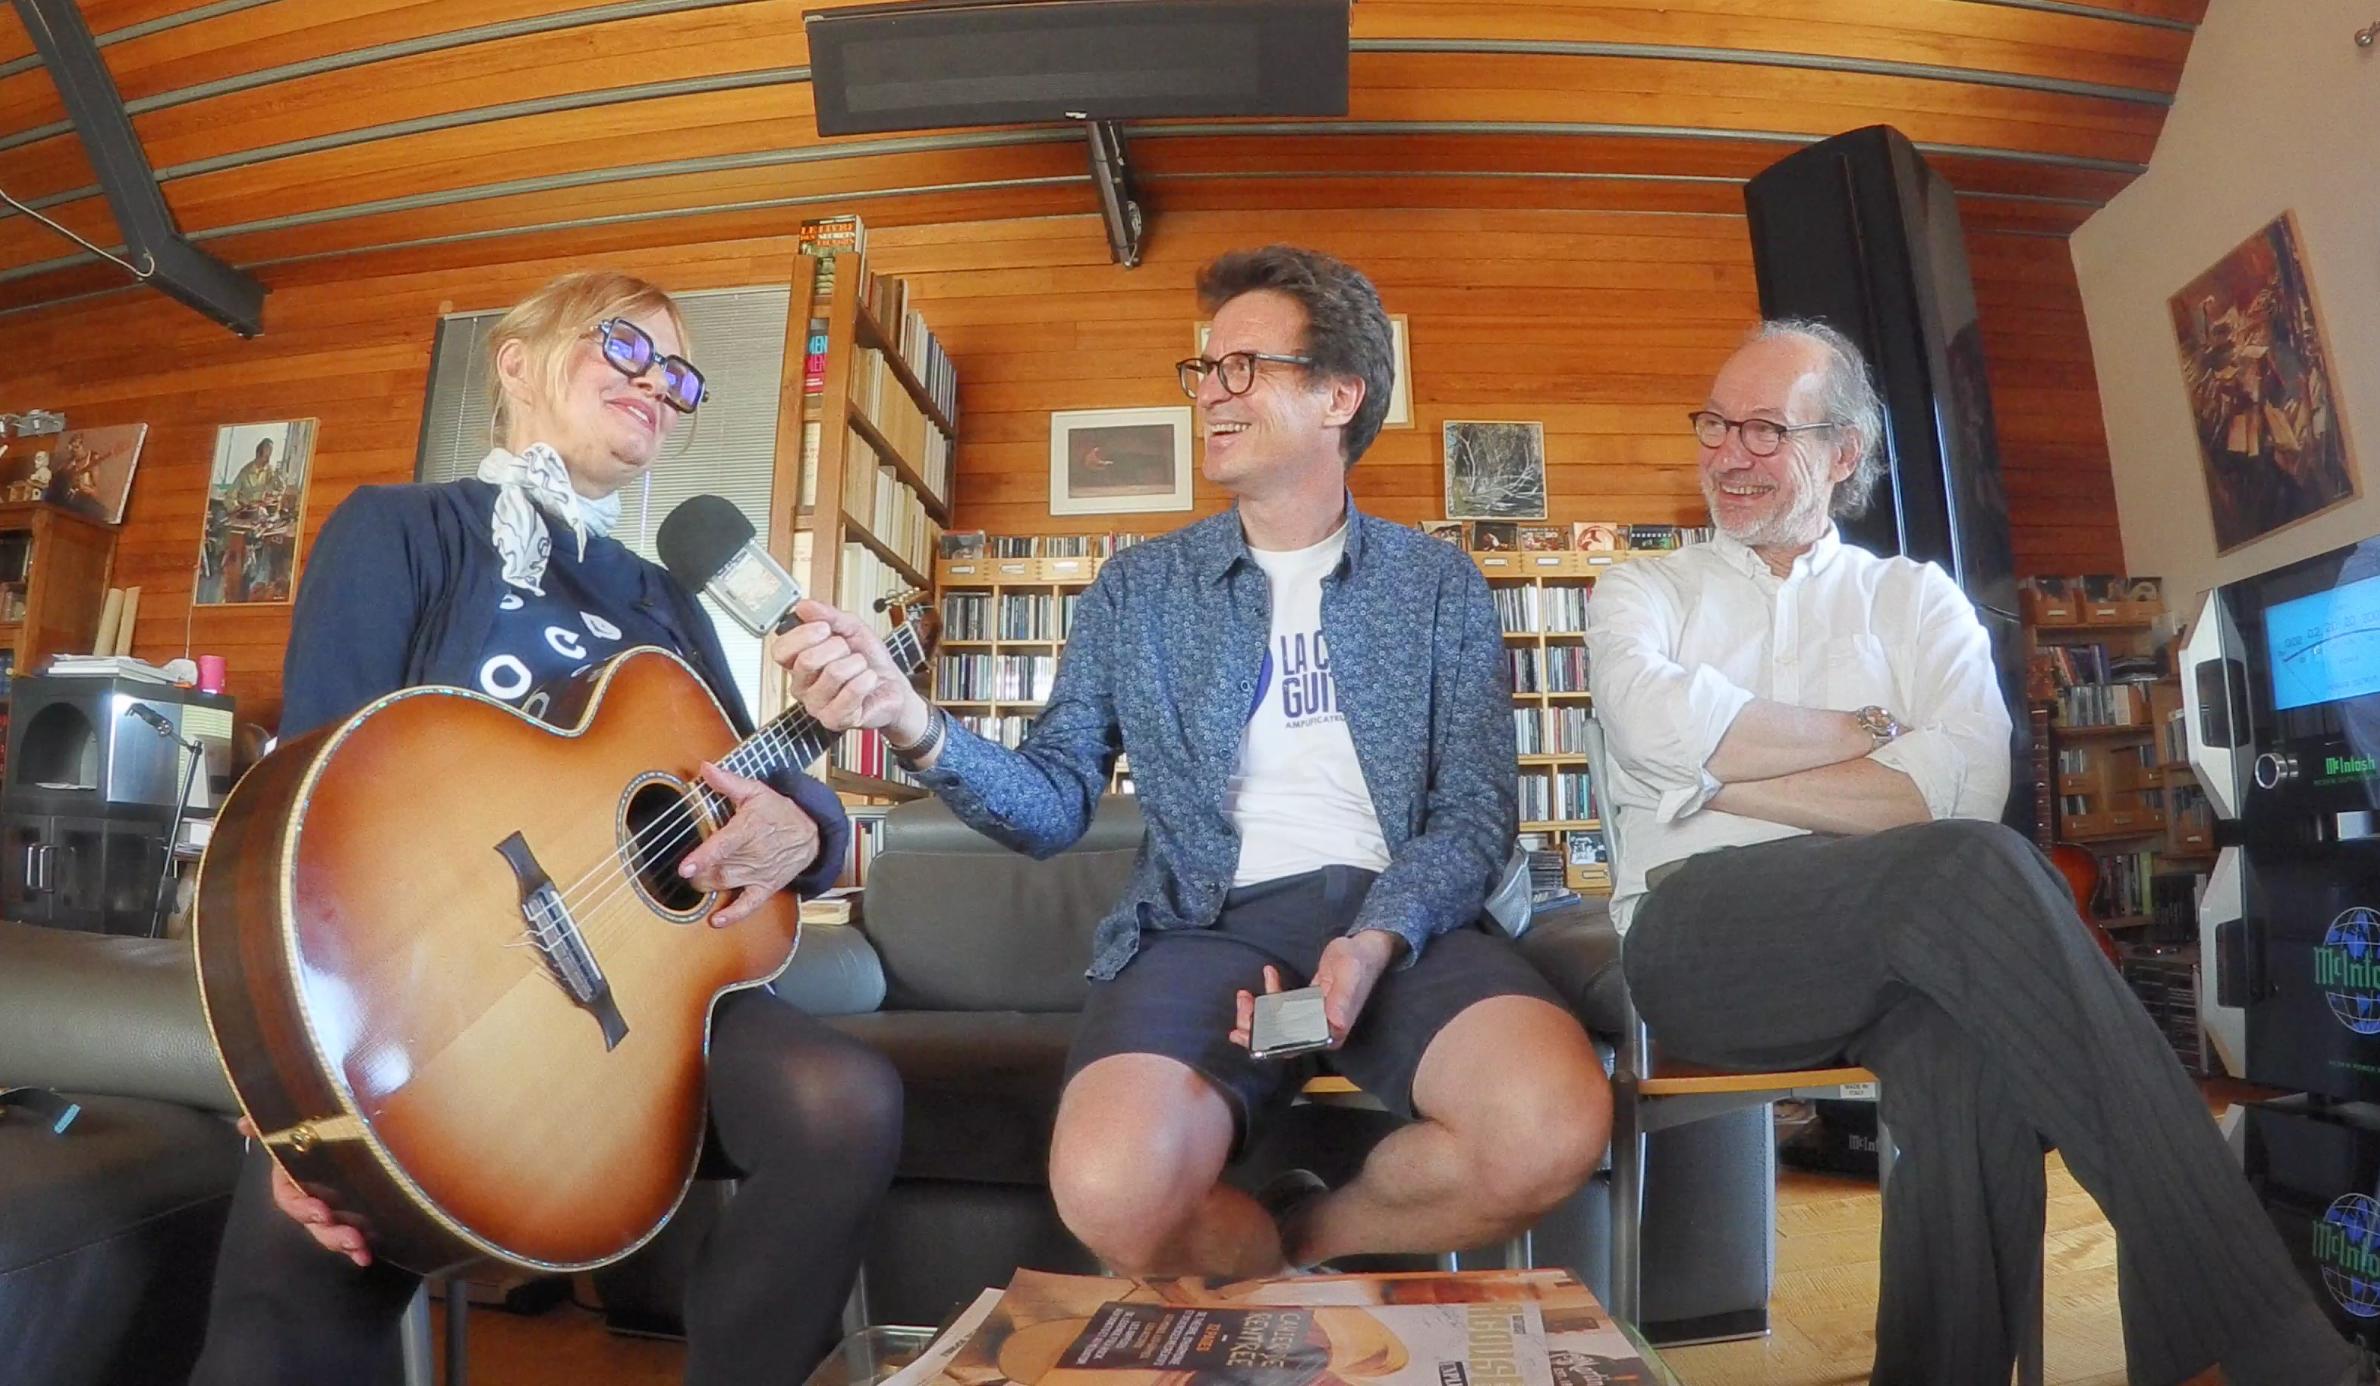 Diane Tell en interview guitare à la main chez son luthier Franck Cheval